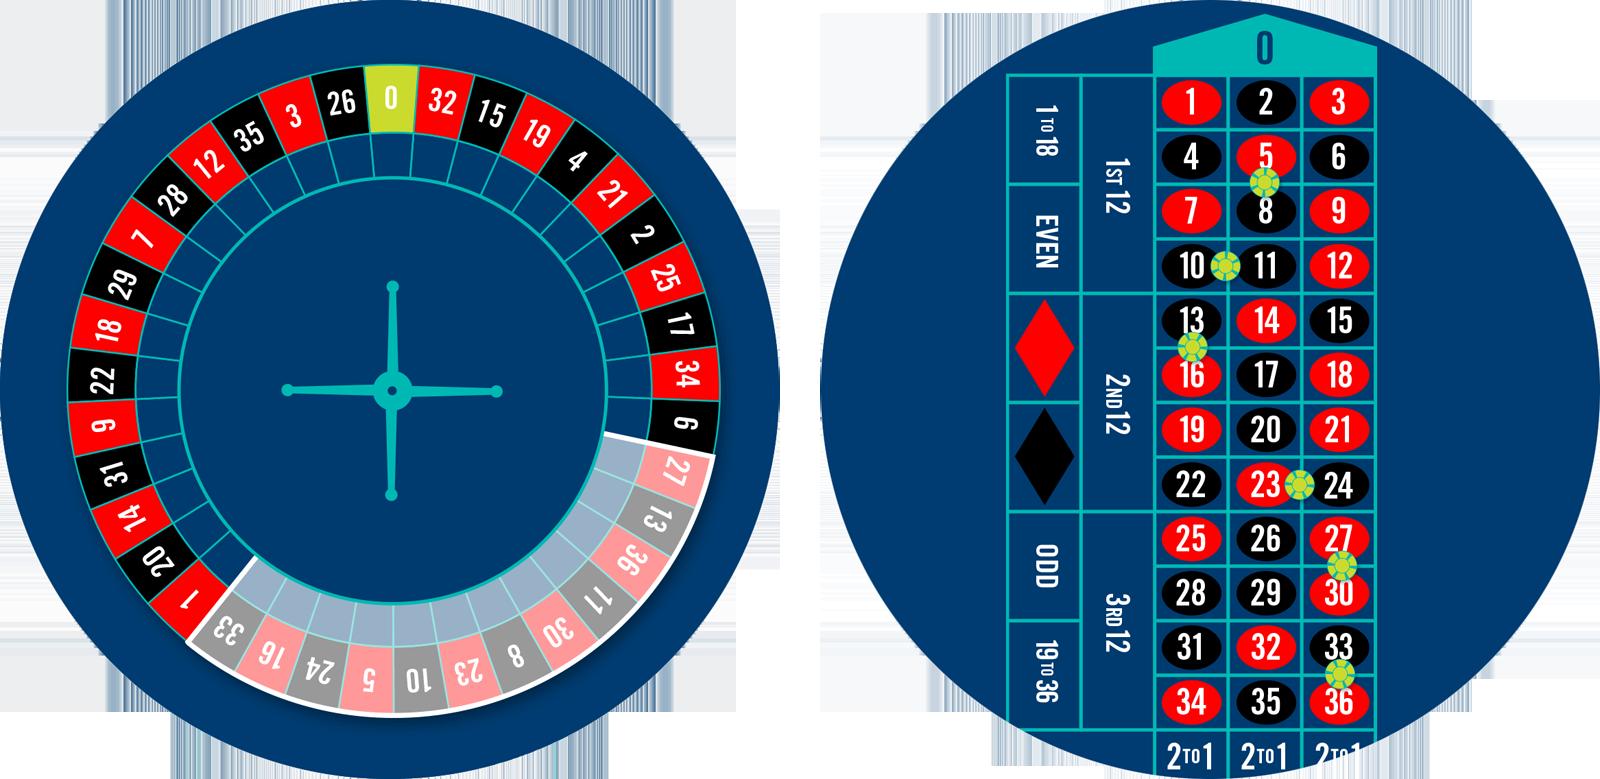 特别显示三分一注区的轮盘,以及三分一注区放着六个筹码的轮盘赌桌。